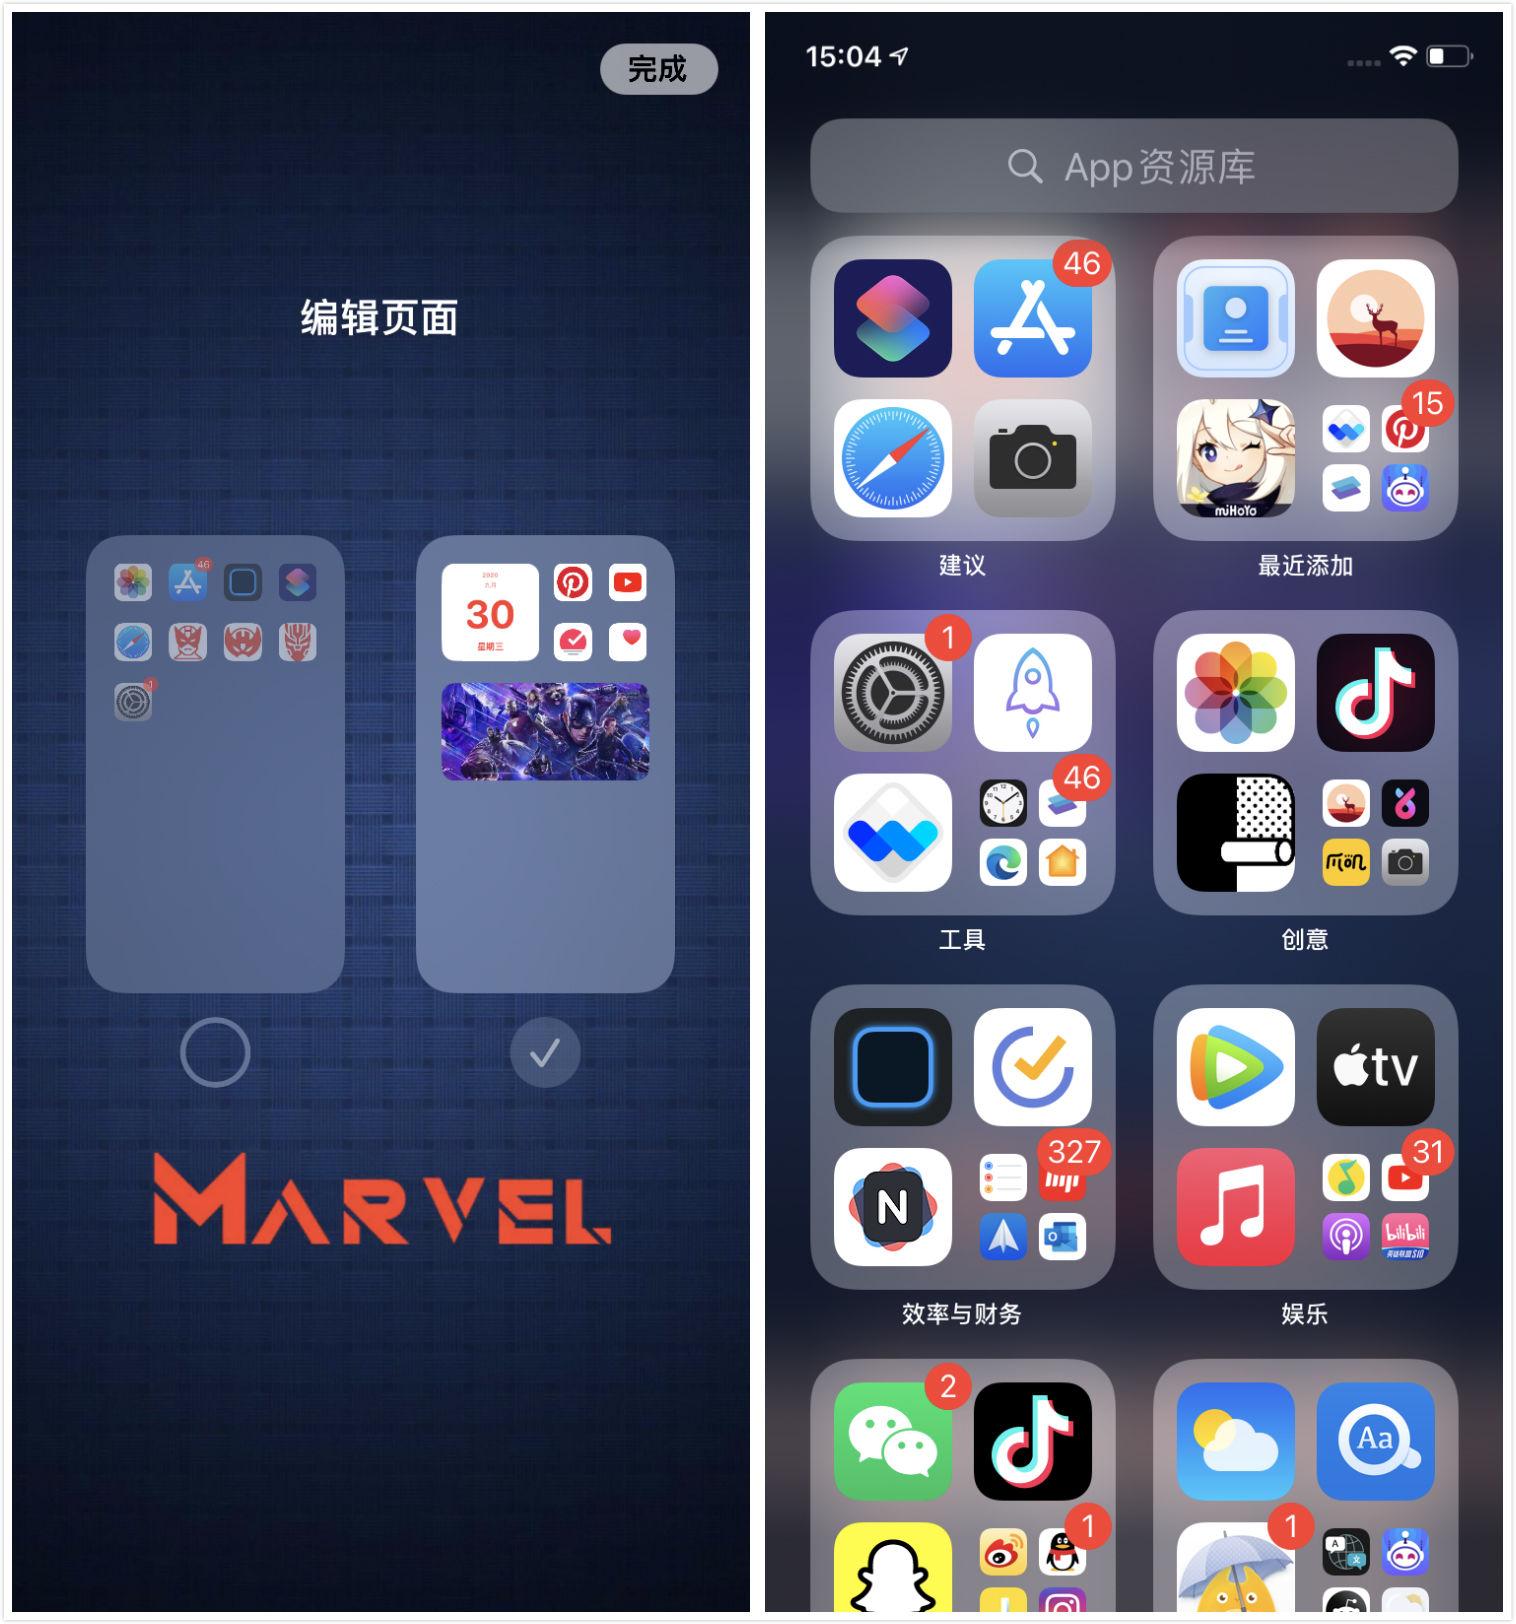 那一天,iPhone 用户又找回了装扮 QQ 空间的乐趣